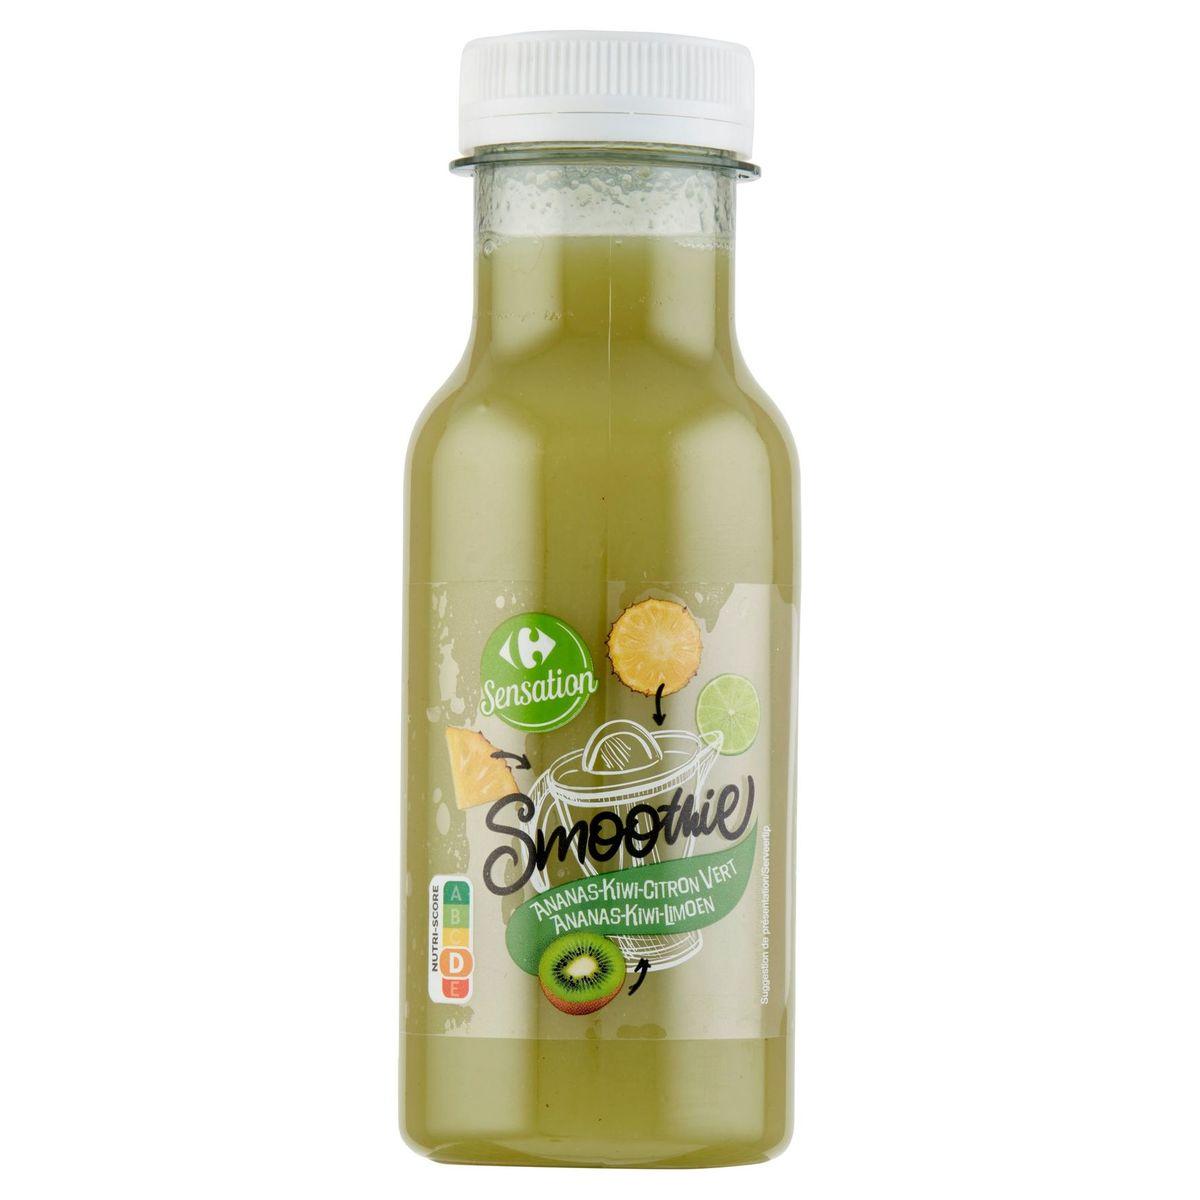 Carrefour Sensation Smoothie Ananas-Kiwi-Limoen 250 ml